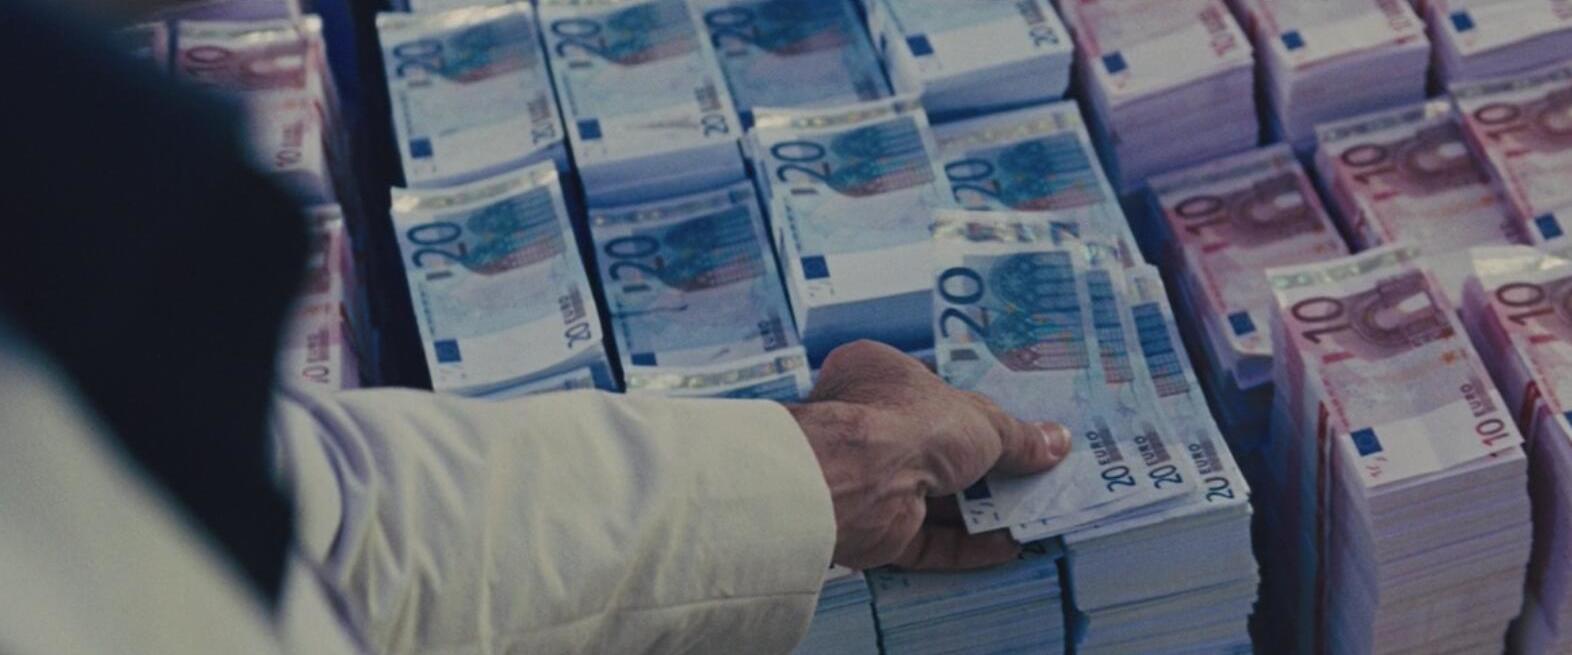 #电影最前线#魔术师通过魔术抢银行,天衣无缝,警察都奈何不了他们